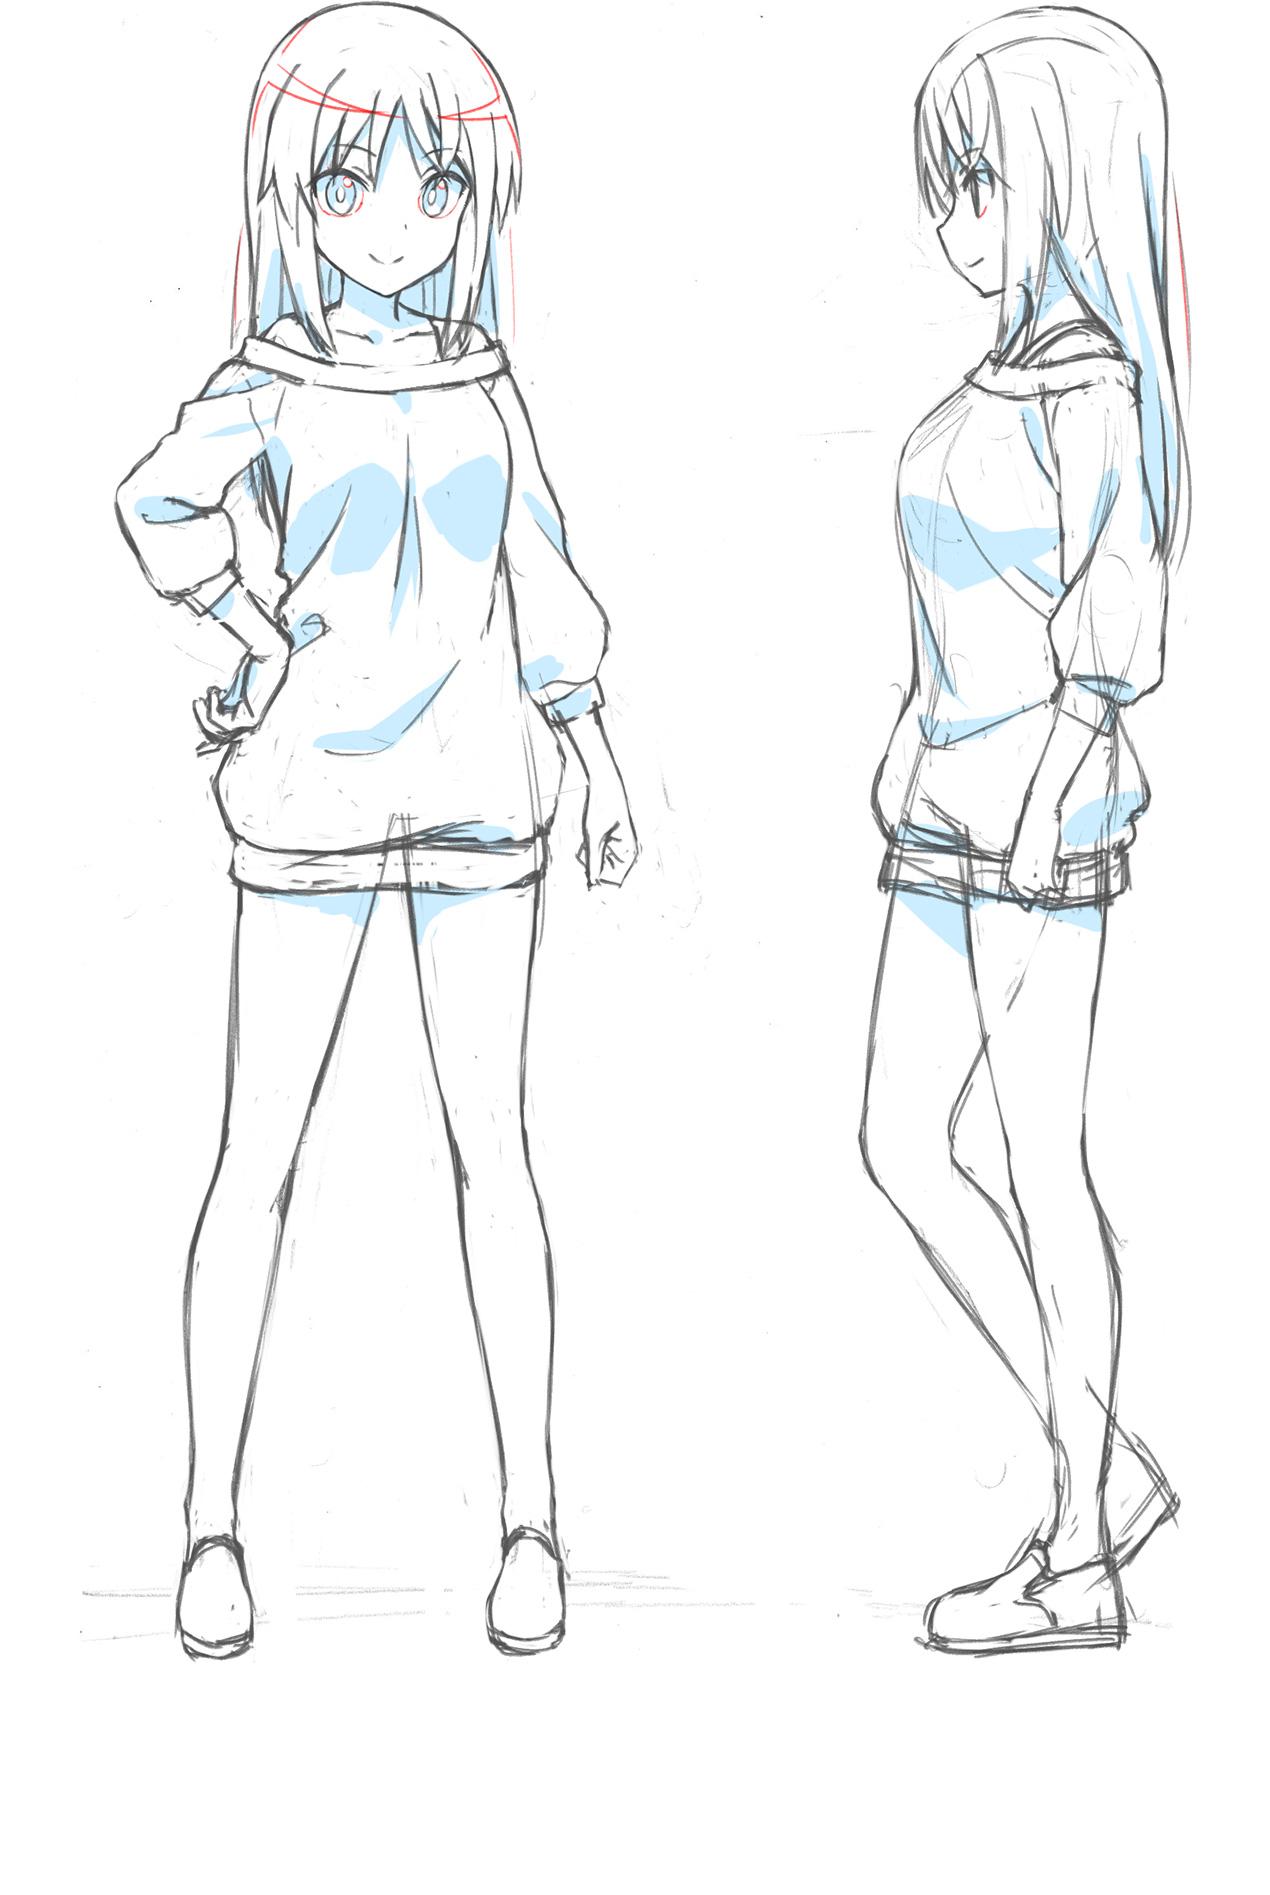 Un escenario de personajes de Sitara Kaneshiya, uno de los personajes principales del próximo Alice Gear Aegis OAV.